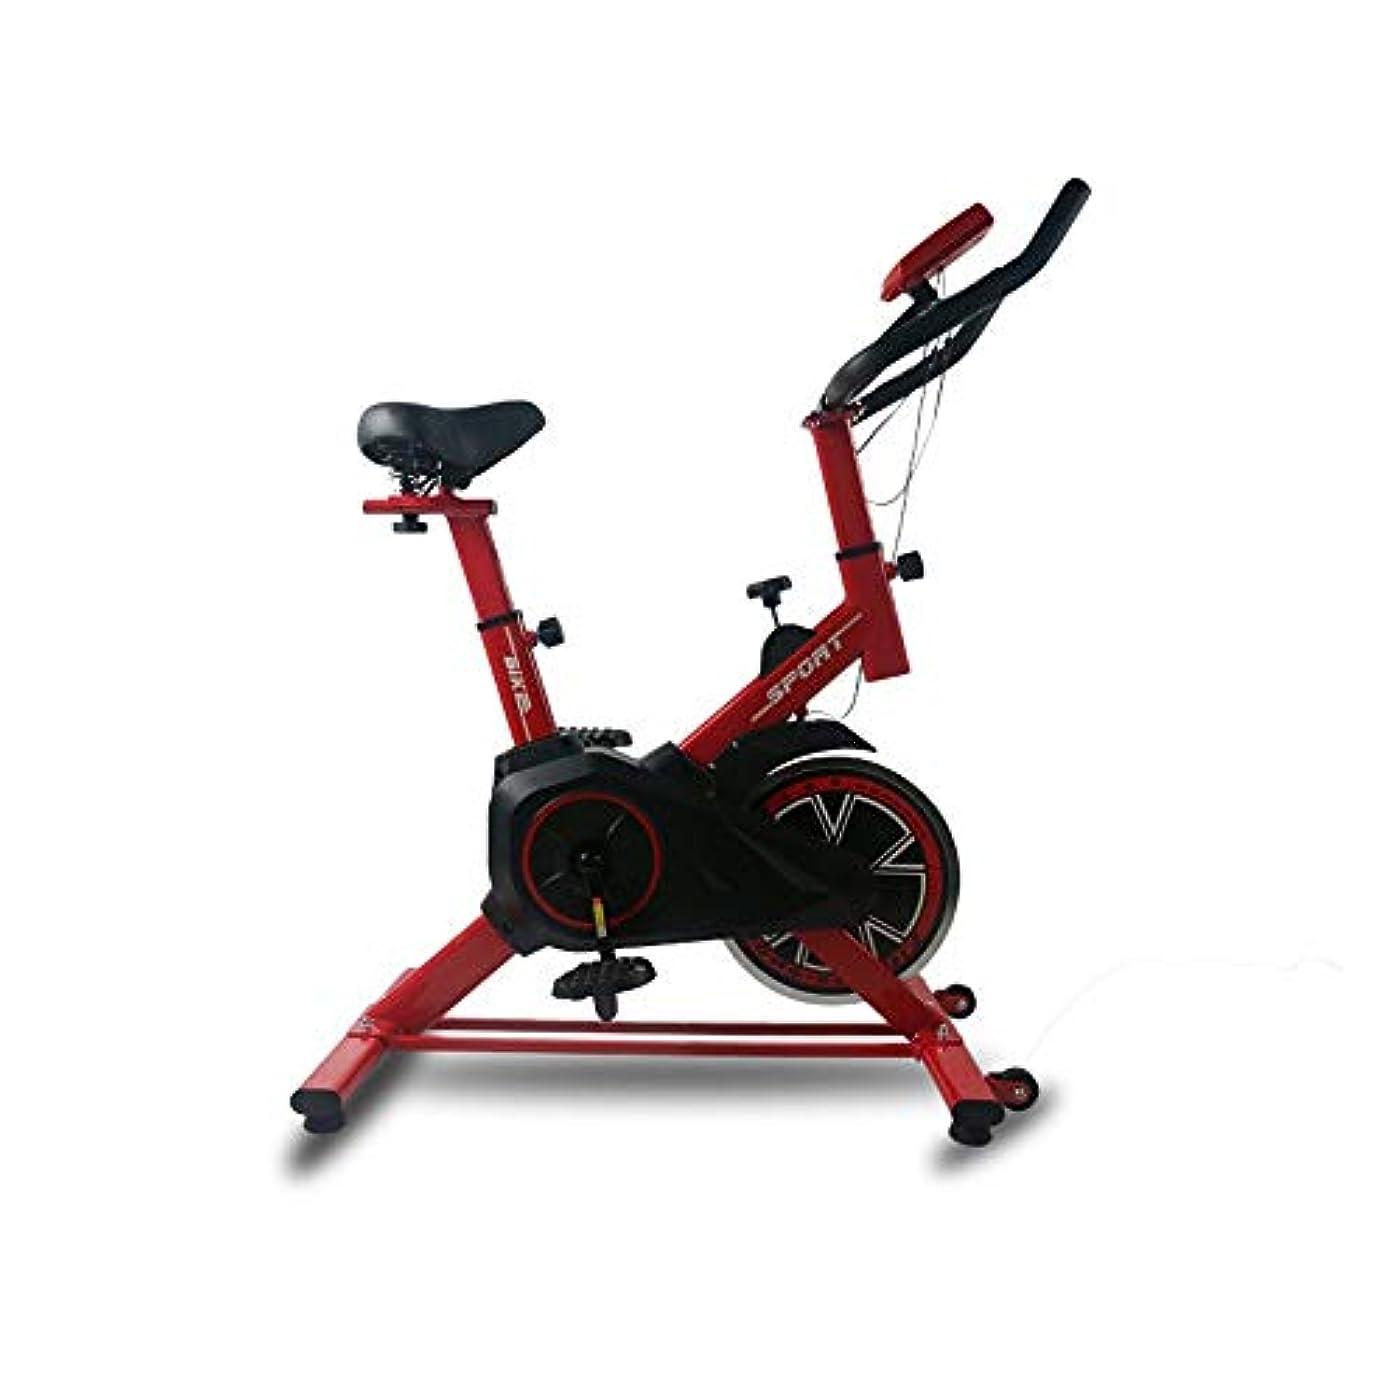 イブニングブレイズ劣る室内エアロバイク 訓練コンピュータおよび楕円形の十字のトレーナーのエアロバイクが付いている屋内高度の自転車のトレーナー 調節可能なハンドルバー&シート